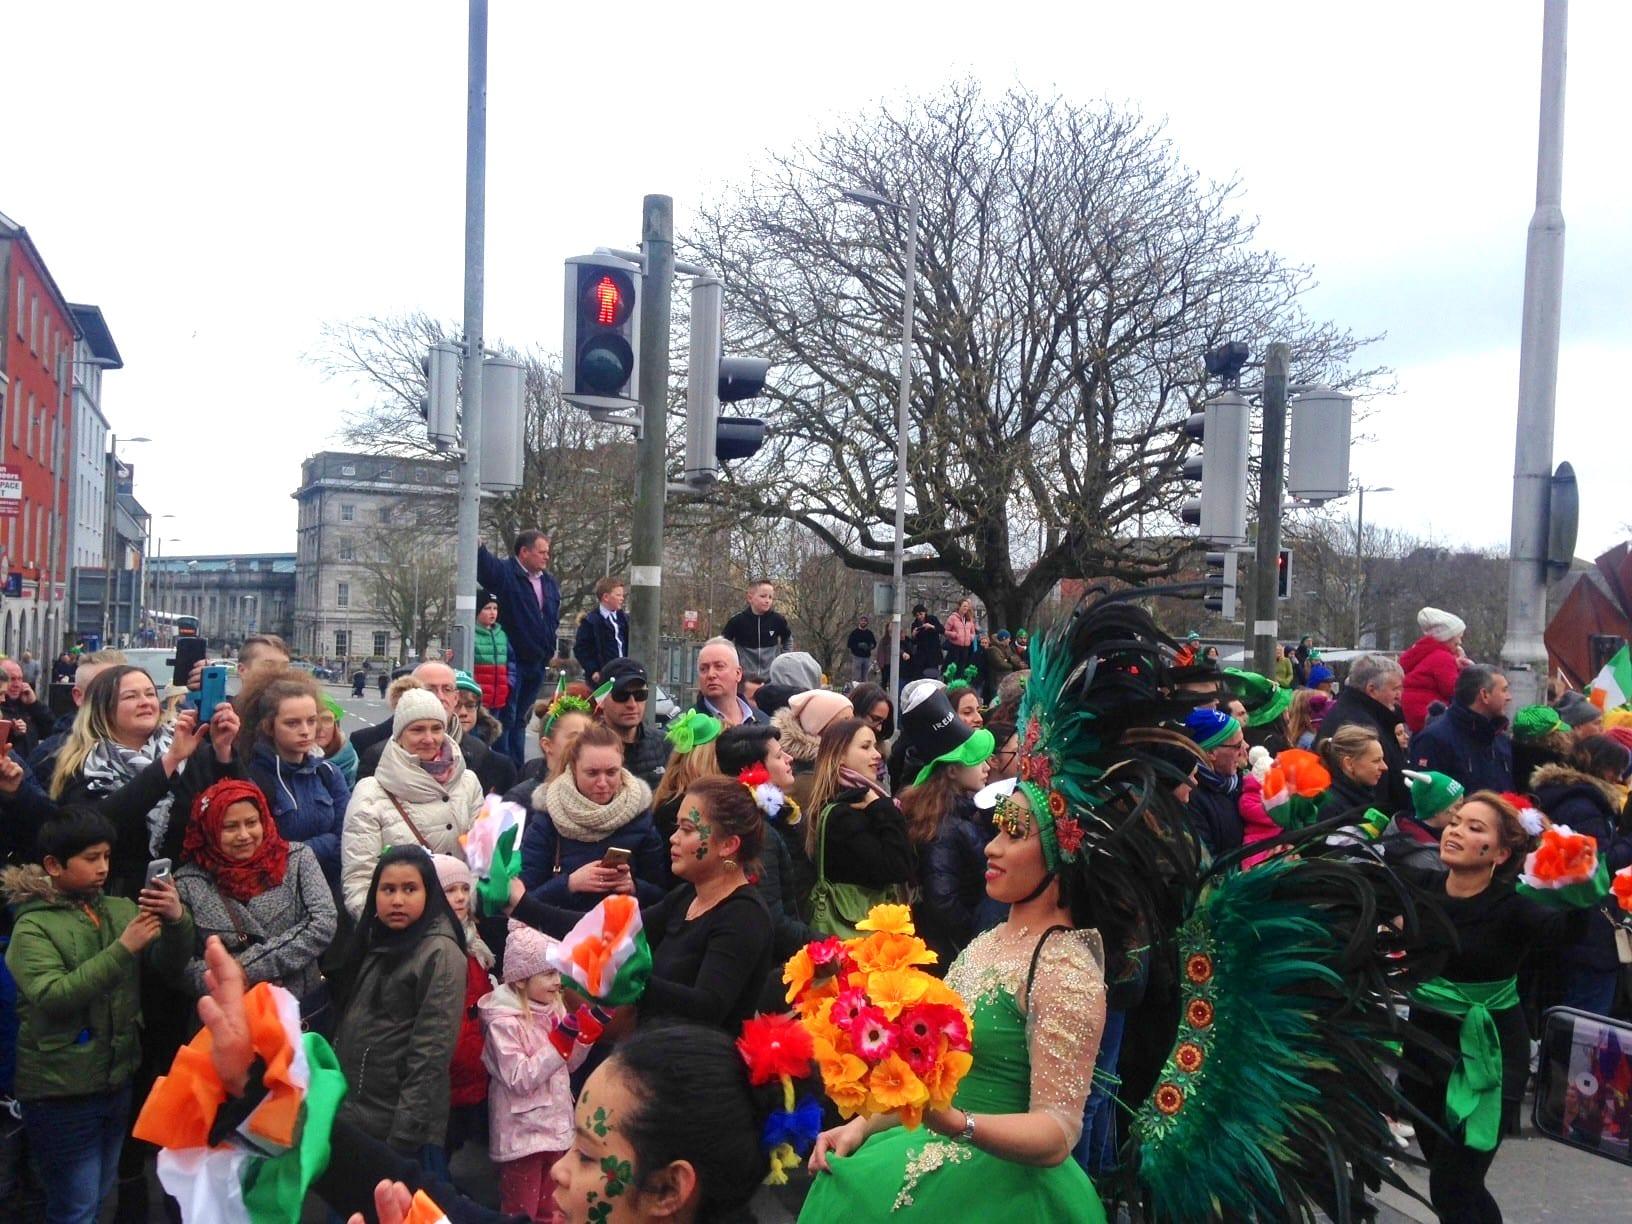 St. Patrick's Day Parade Filipino Community